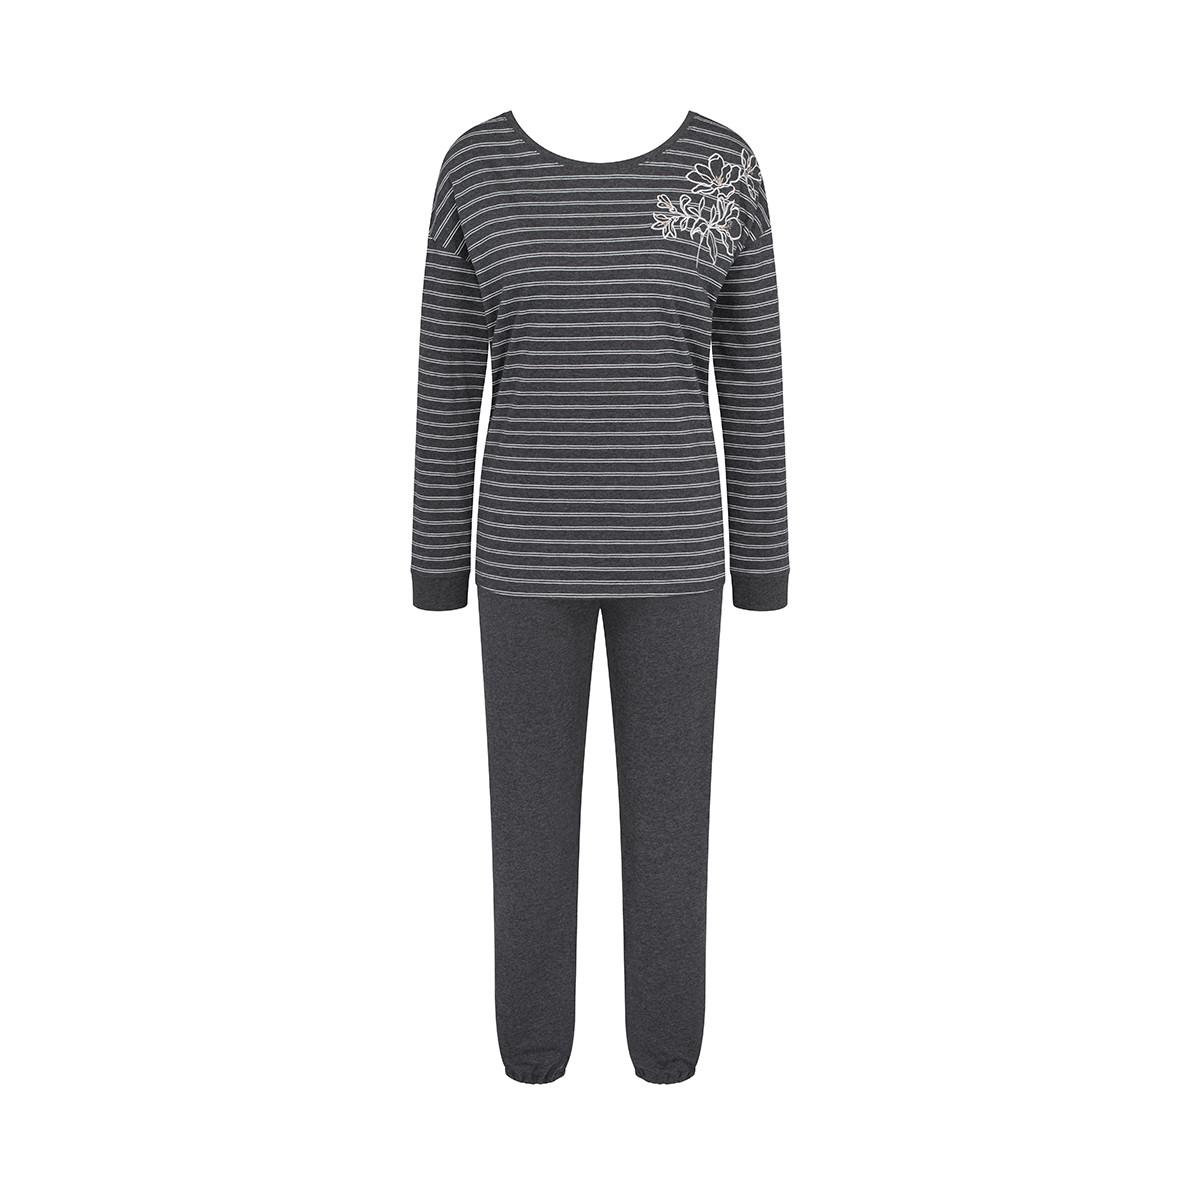 TRIUMPH Pyjamas sæt LSL 10 X 10209578 M034